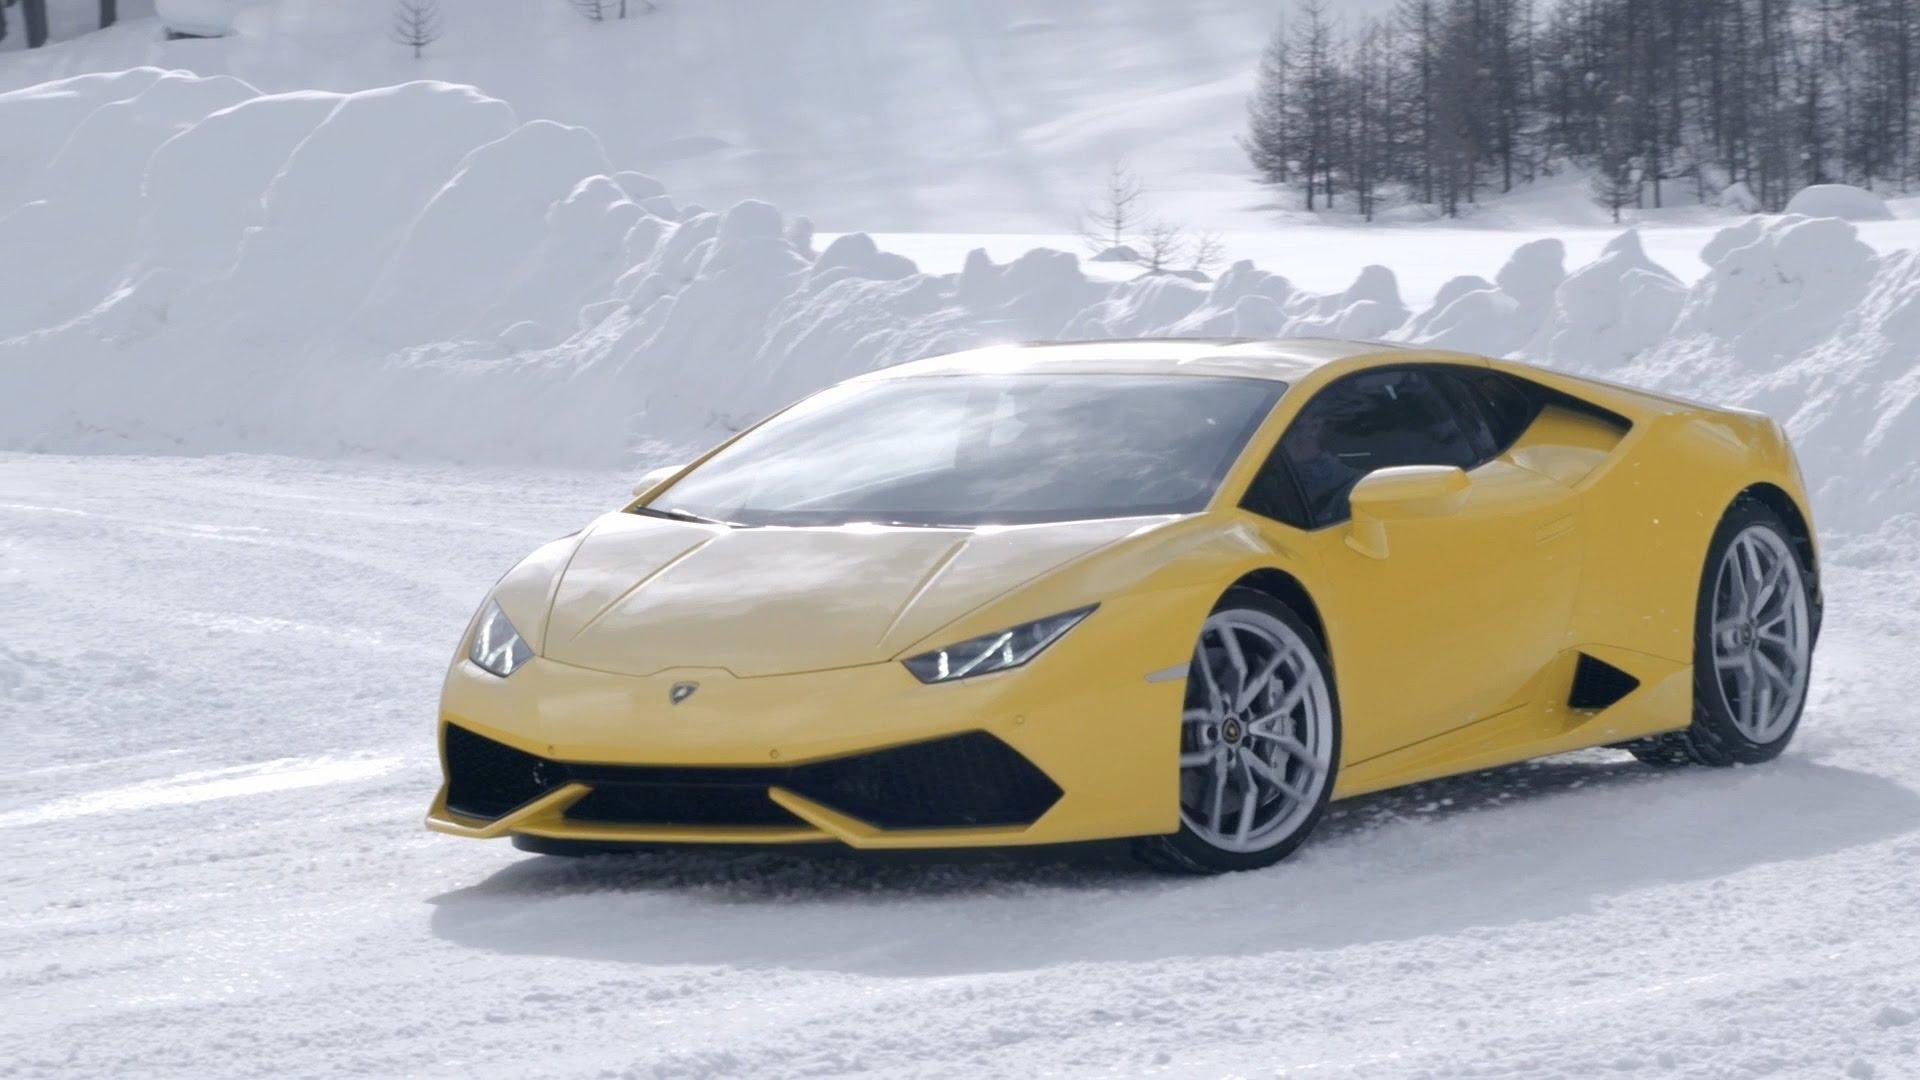 Livigno a Lamborghini